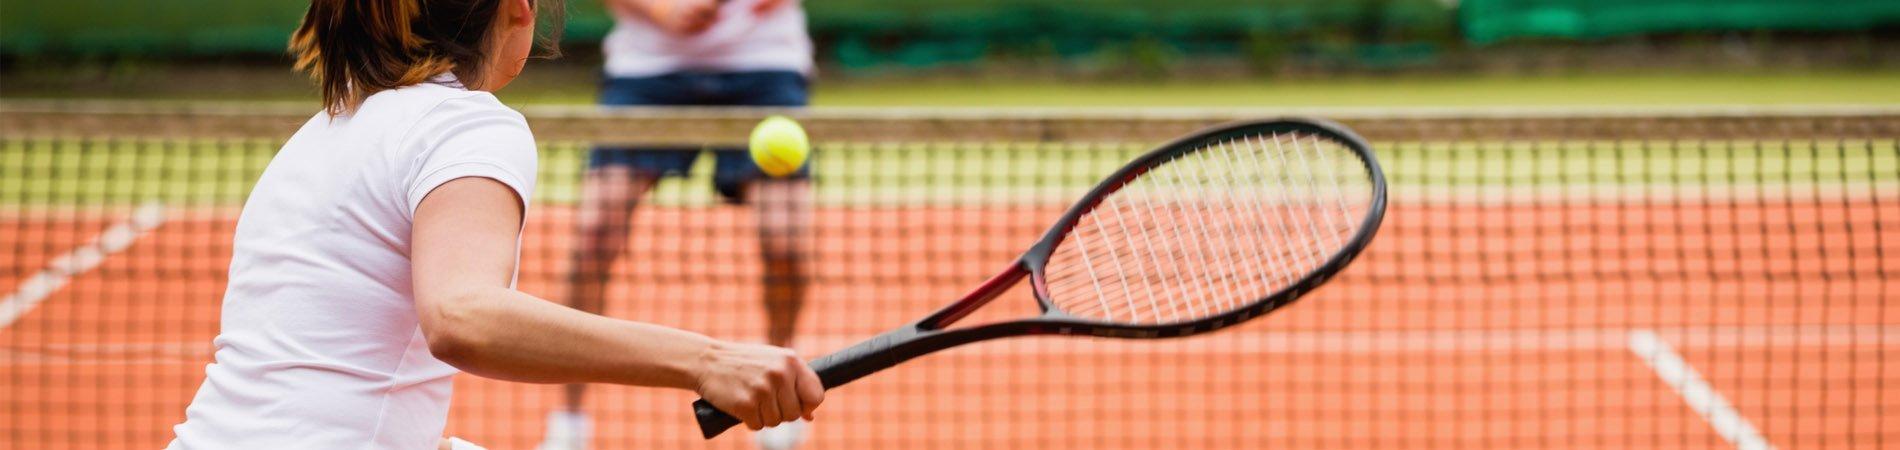 ▷ Suplementos para tenis - padel | Entrega en 1-3 días